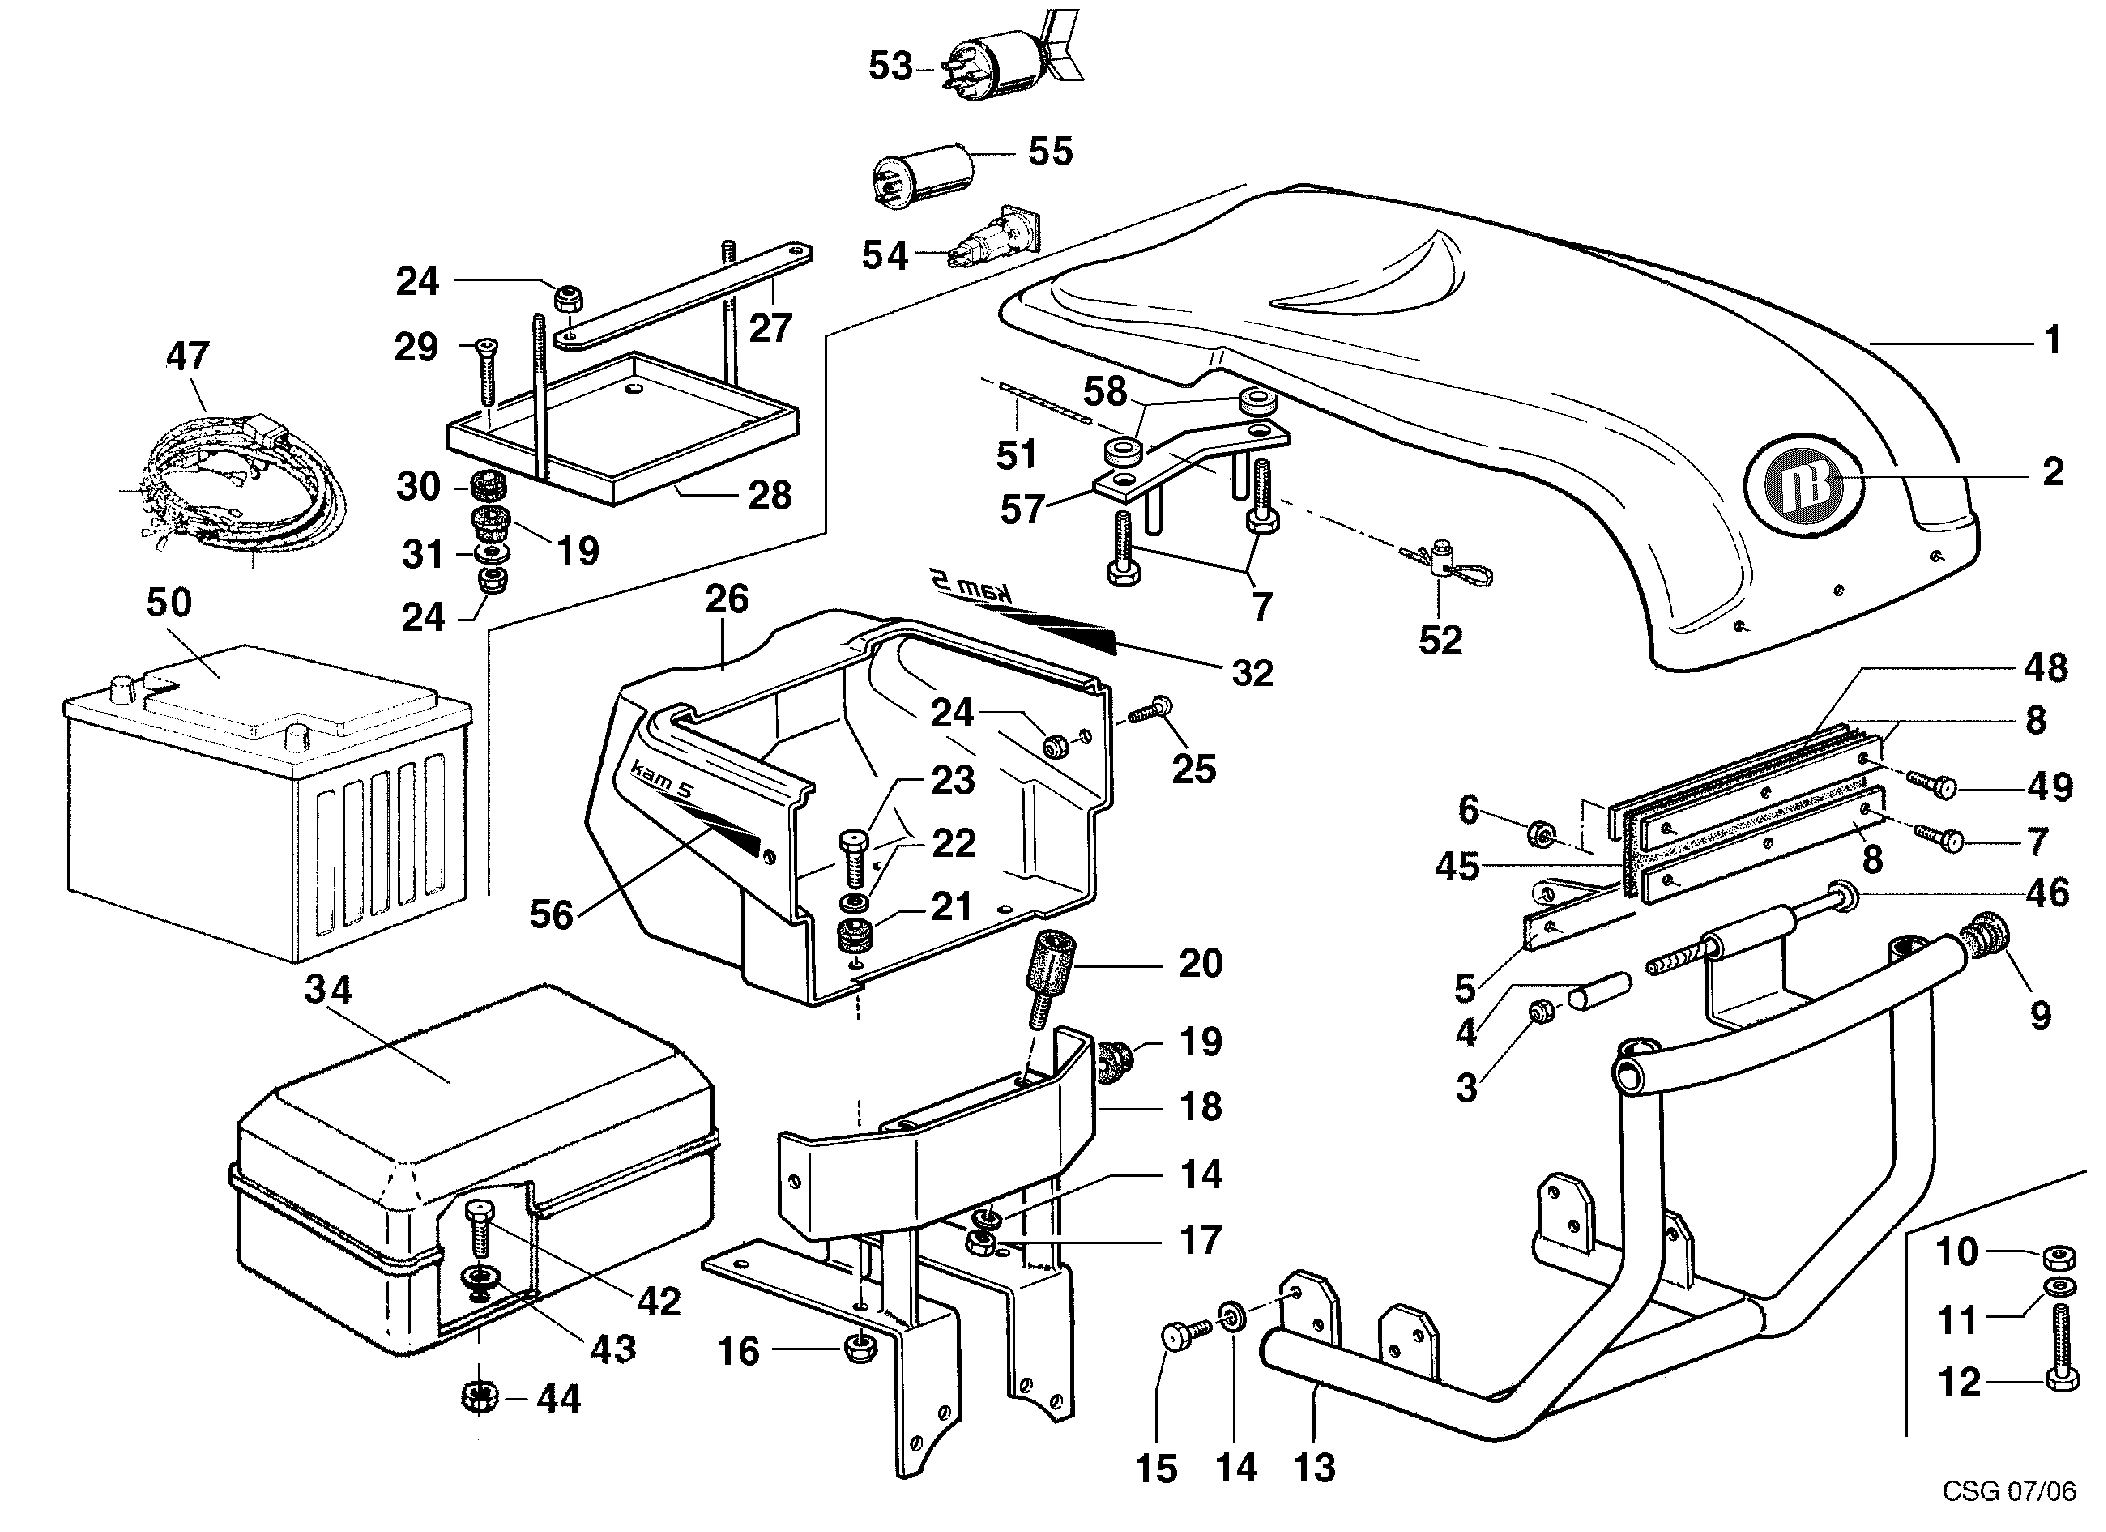 KAM 5 (jusqu'en 2012) Motoculteur OLEOMAC NIBBI vue éclatée  Dessins pièces - Injection capot